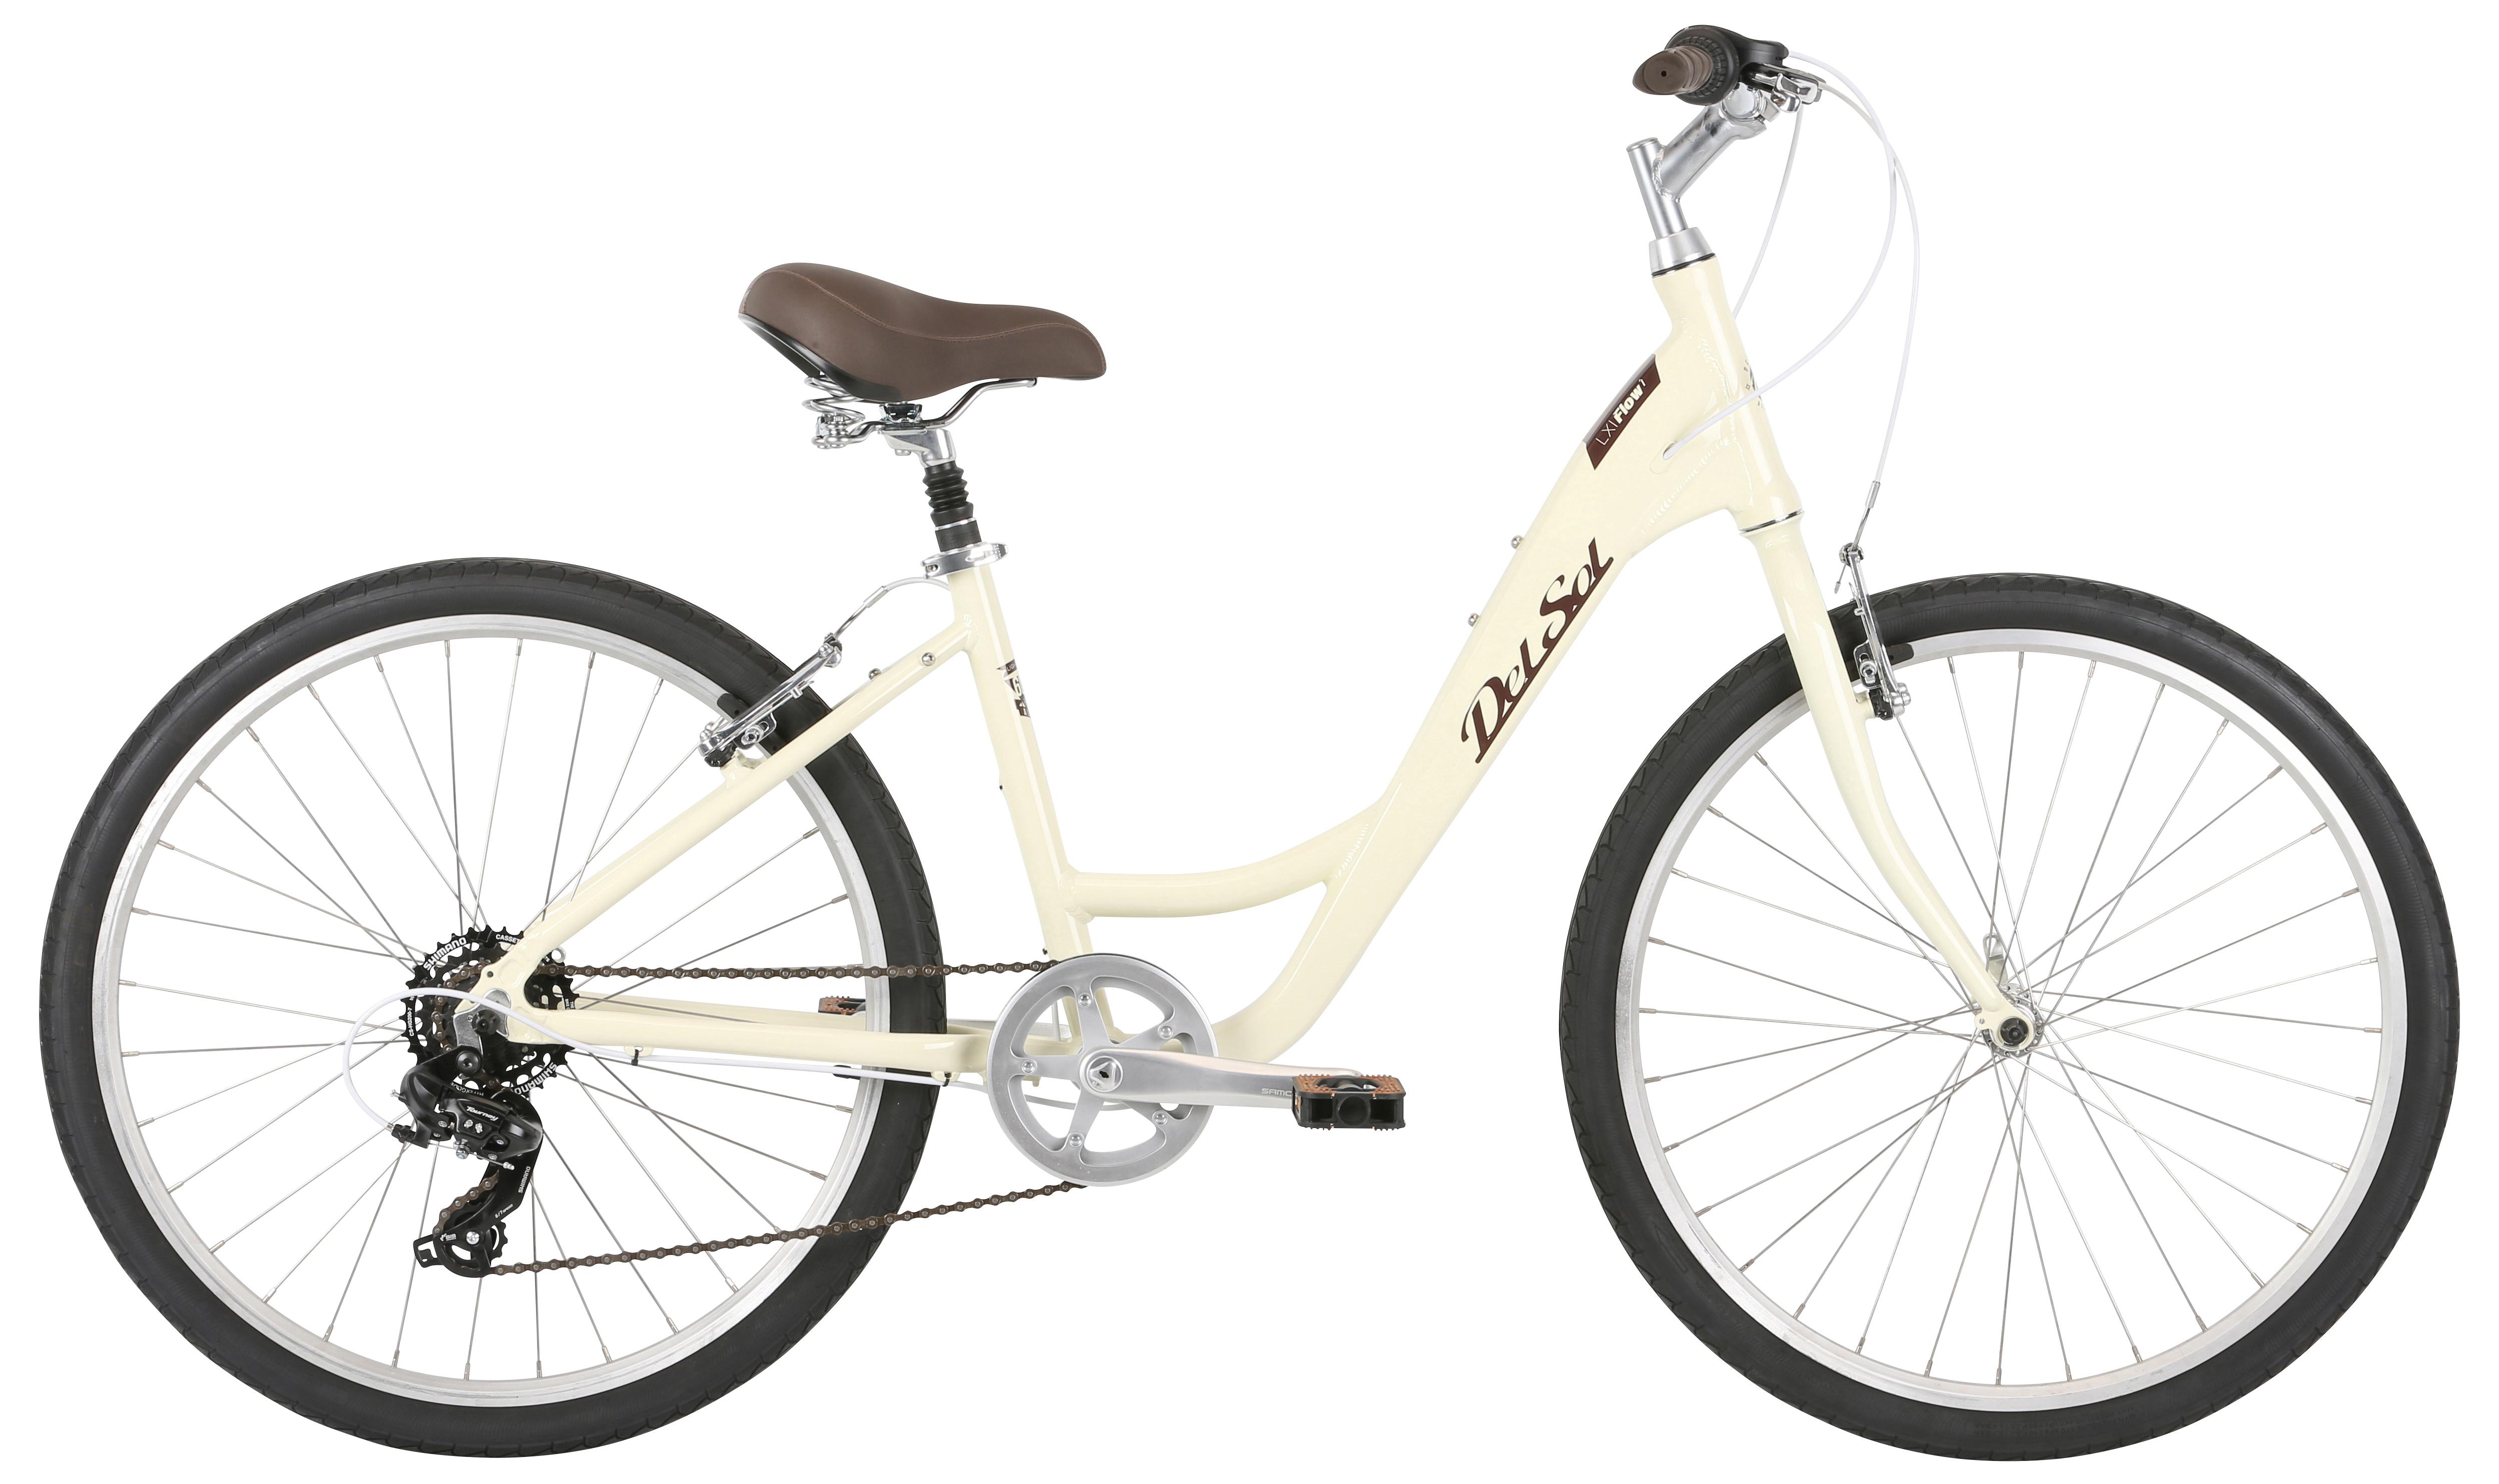 Велосипед Haro Lxi Flow 1 ST 27.5 2019 недорго, оригинальная цена